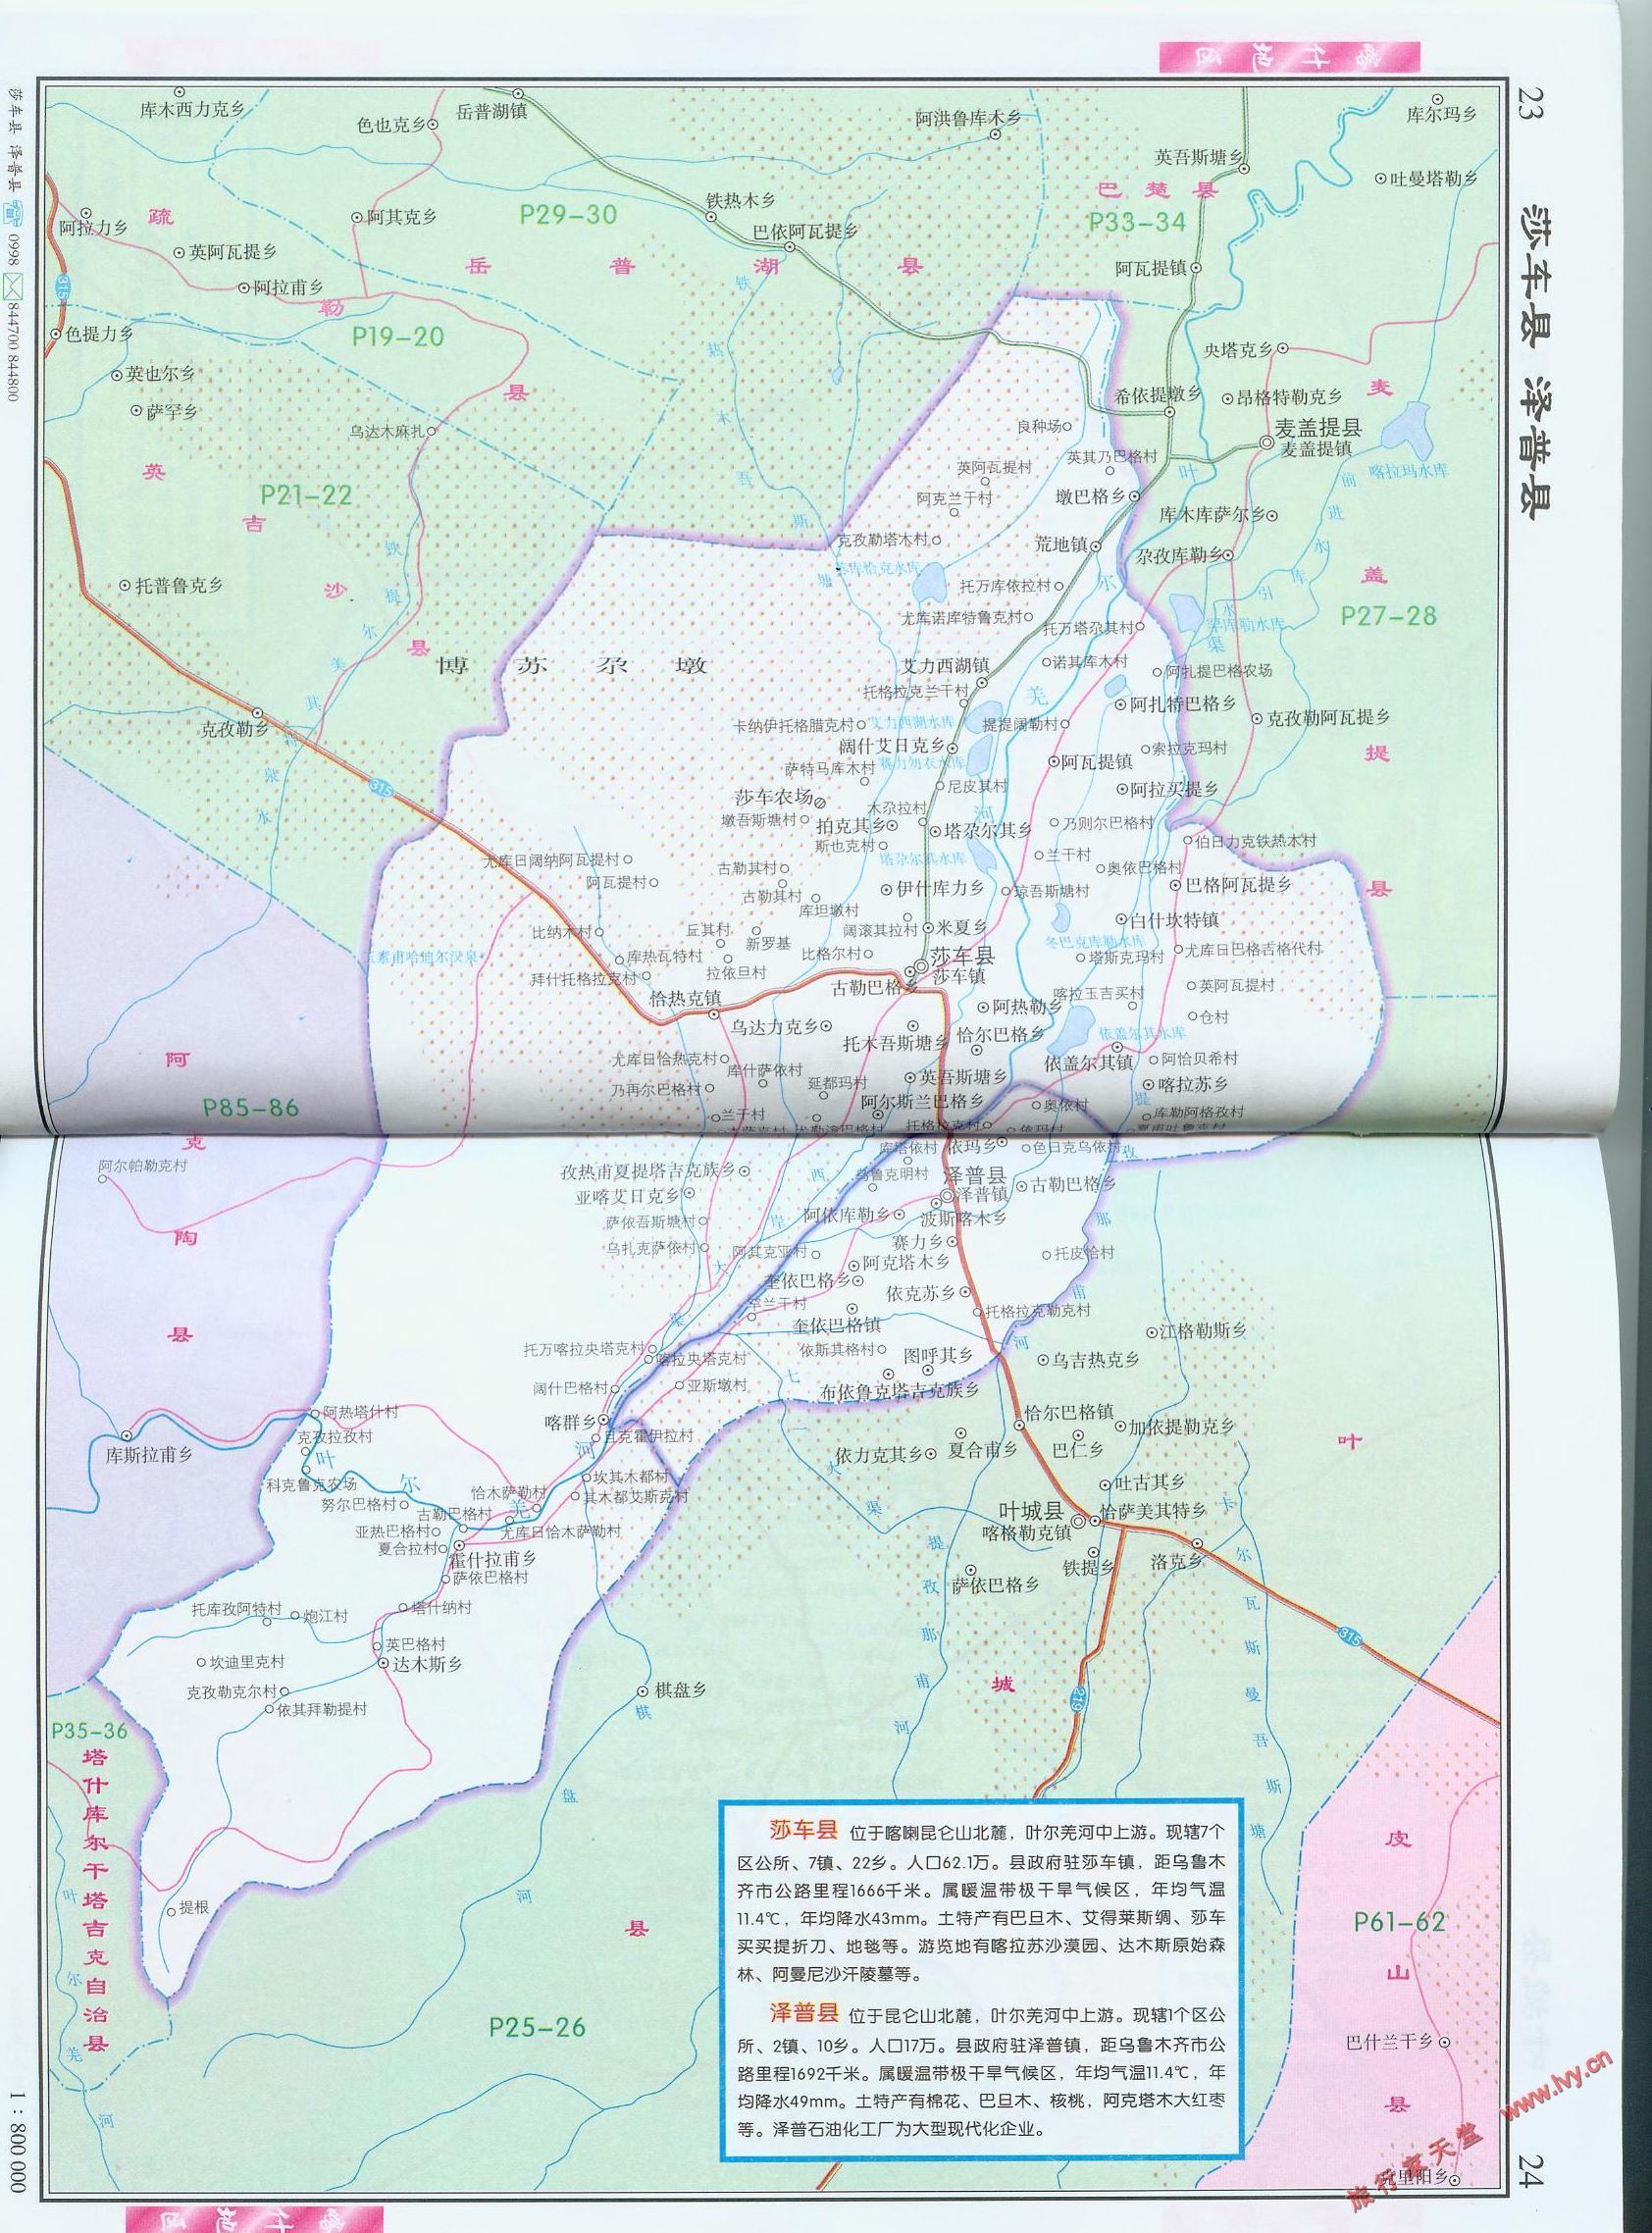 莎车县地图高清版图片